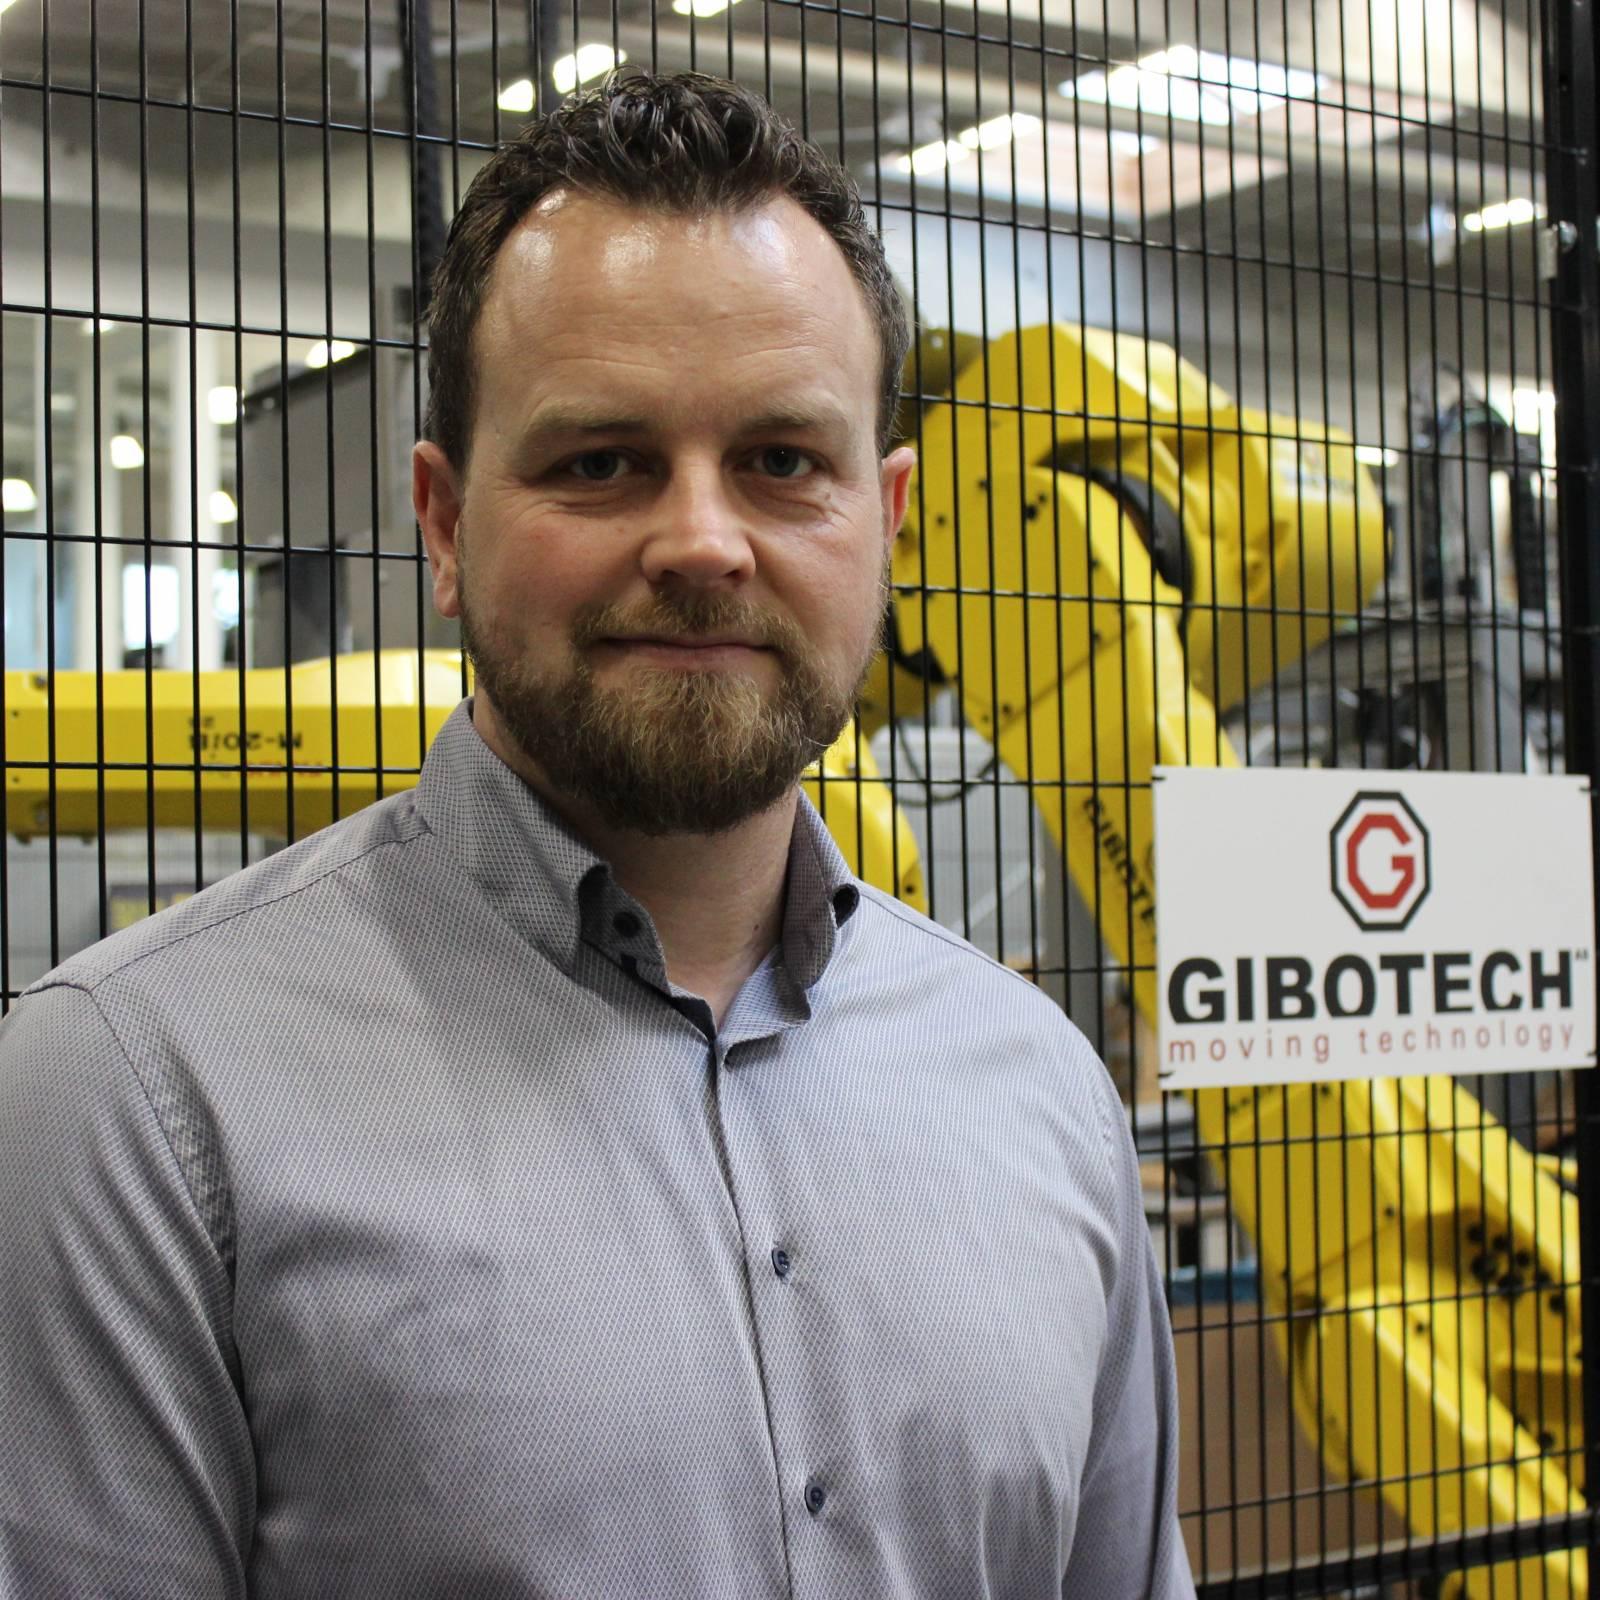 Få rådgivning om sikkerhed, Gibotech